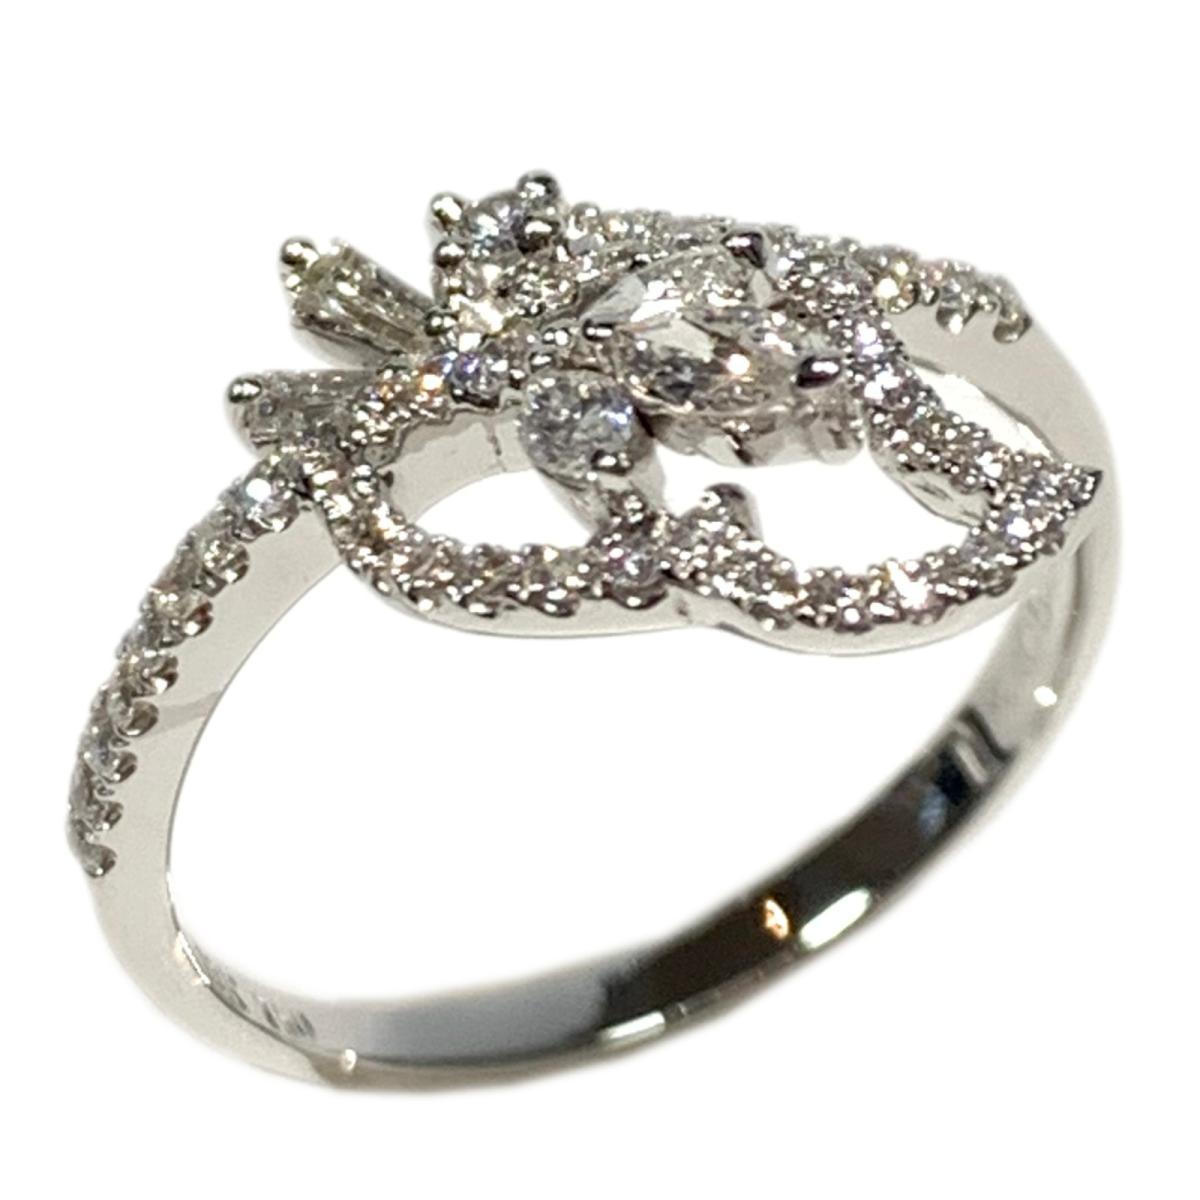 【中古】 ジュエリー ダイヤモンド リング 指輪 レディース K18WG (750) ホワイトゴールド x 0.52ct シルバー   JEWELRY BRANDOFF ブランドオフ ブランド アクセサリー